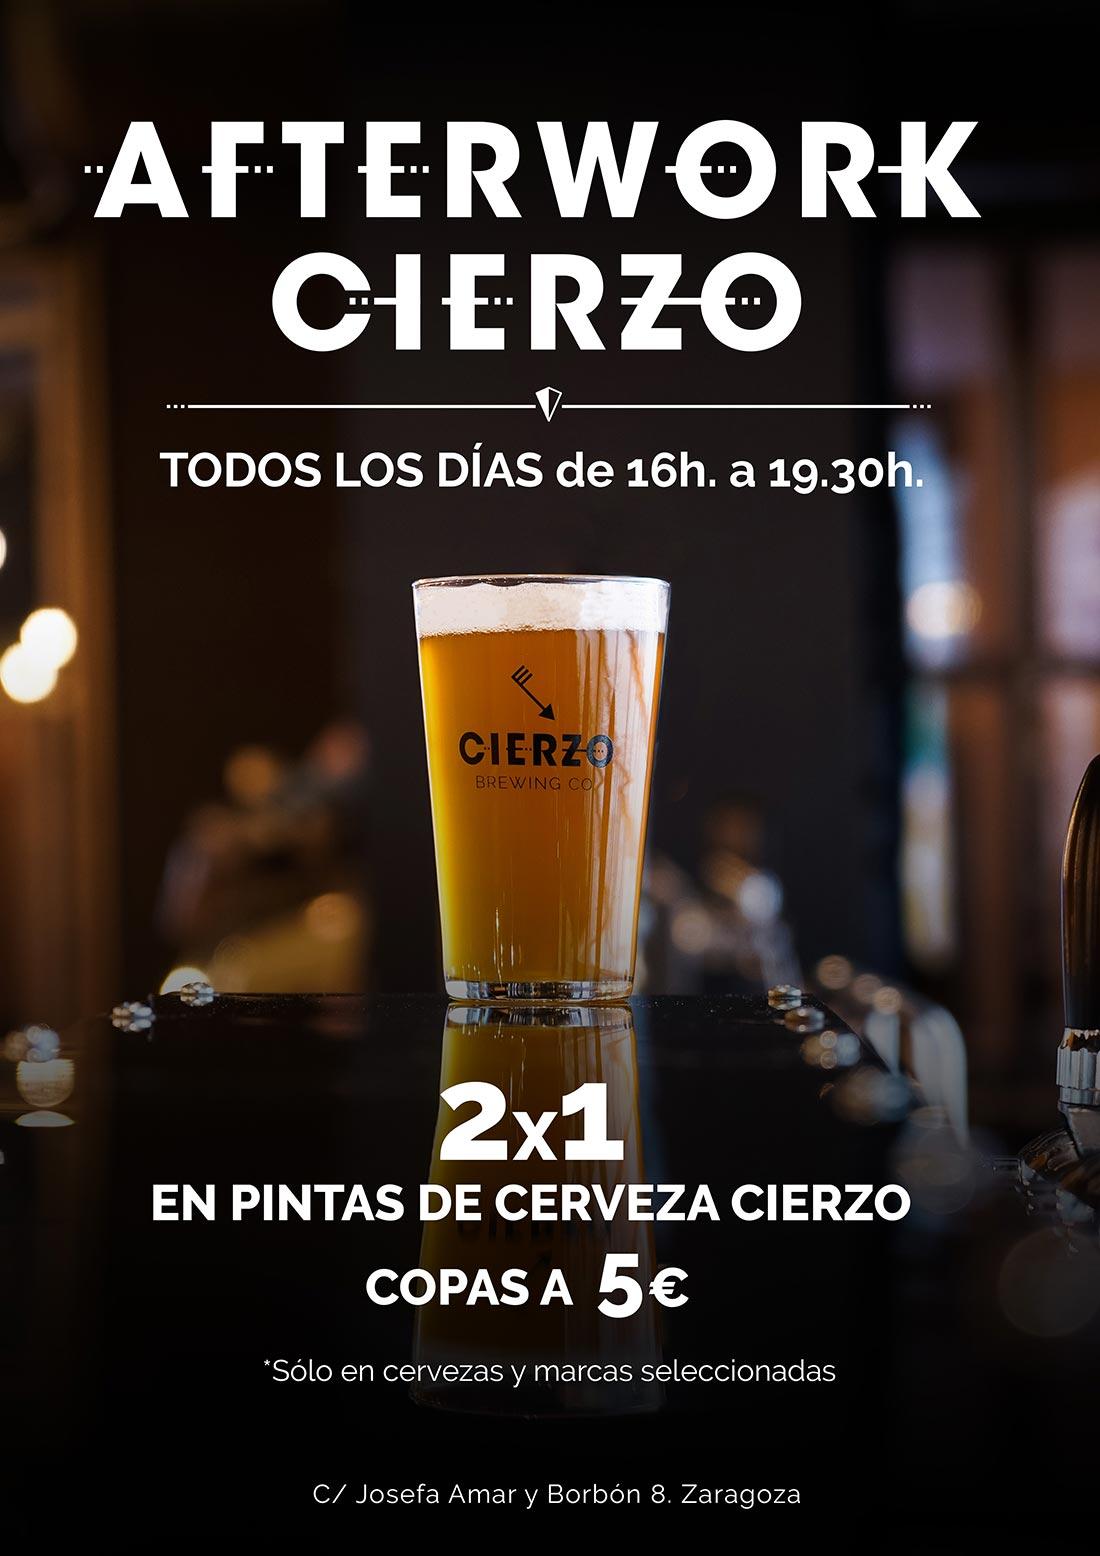 Afterwork del Cierzo en Zaragoza